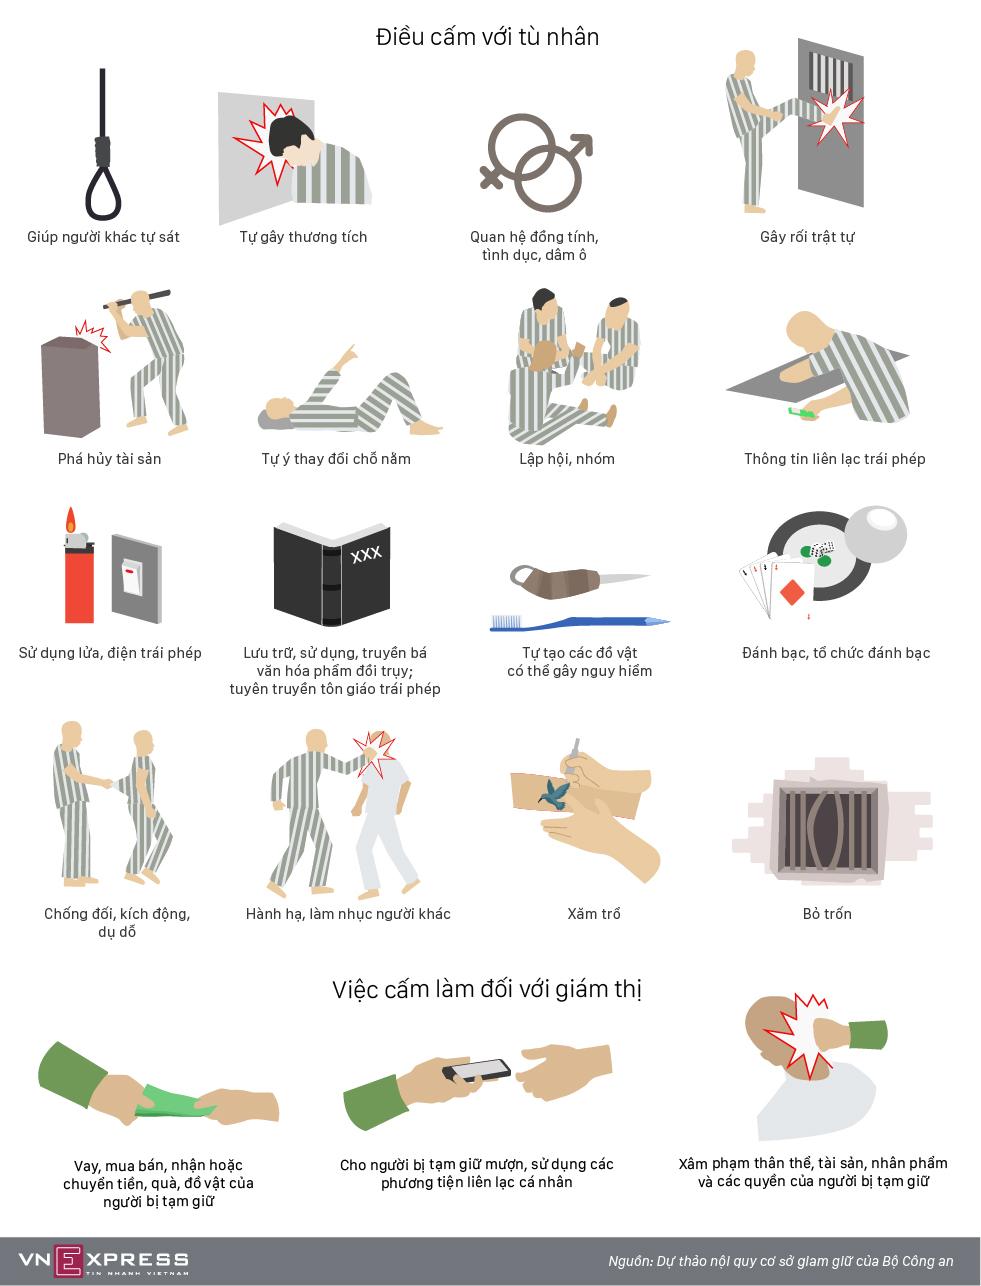 Những điều cấm trong trại giam